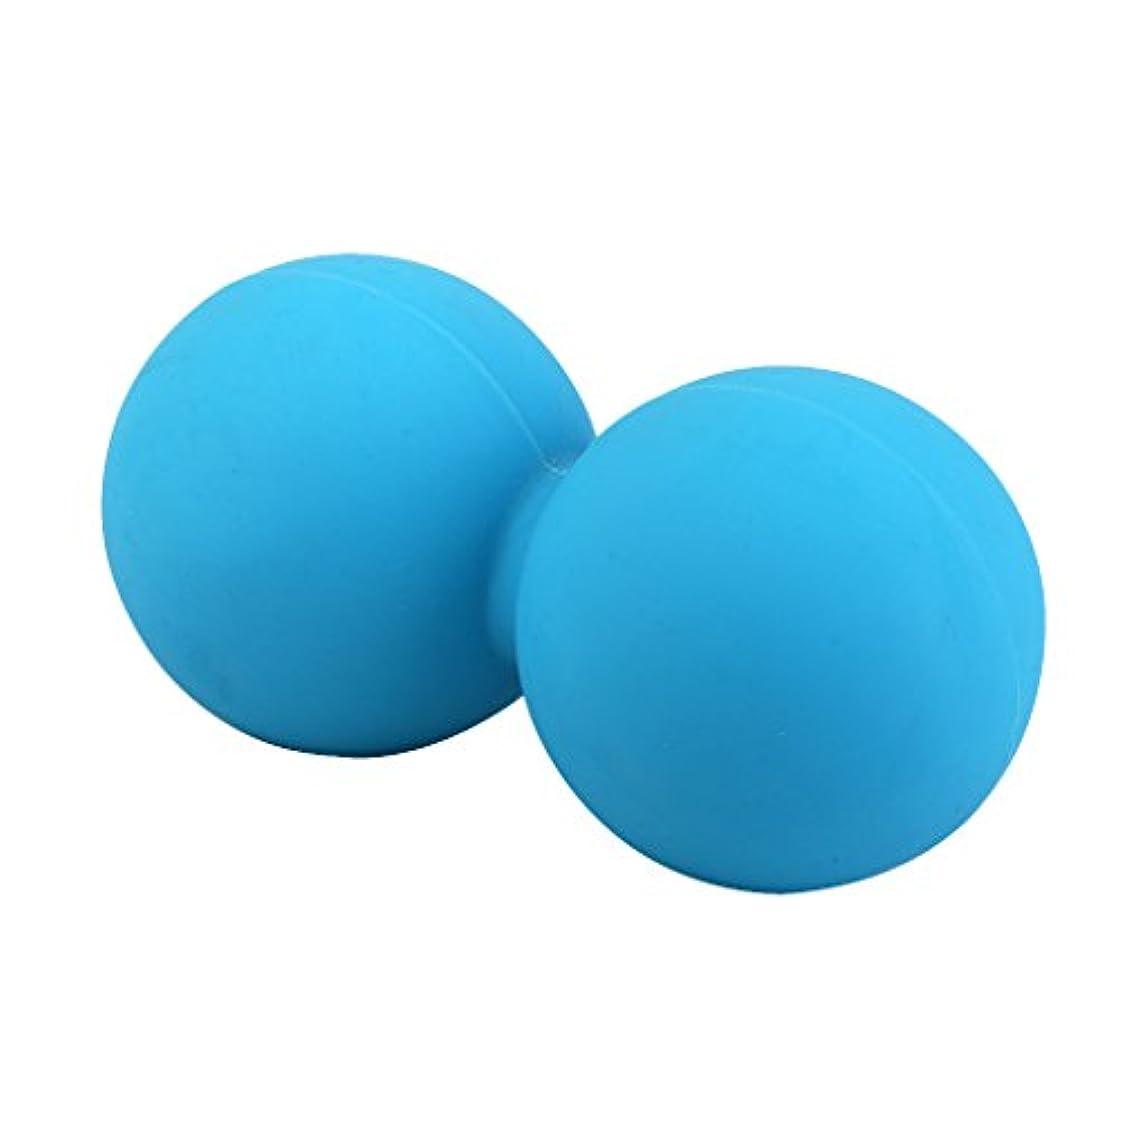 乱すいつでもグローバルFootful マッサージボール 健康グッズ 健康器具 血液循環促進 緊張緩和 ブルー 固体